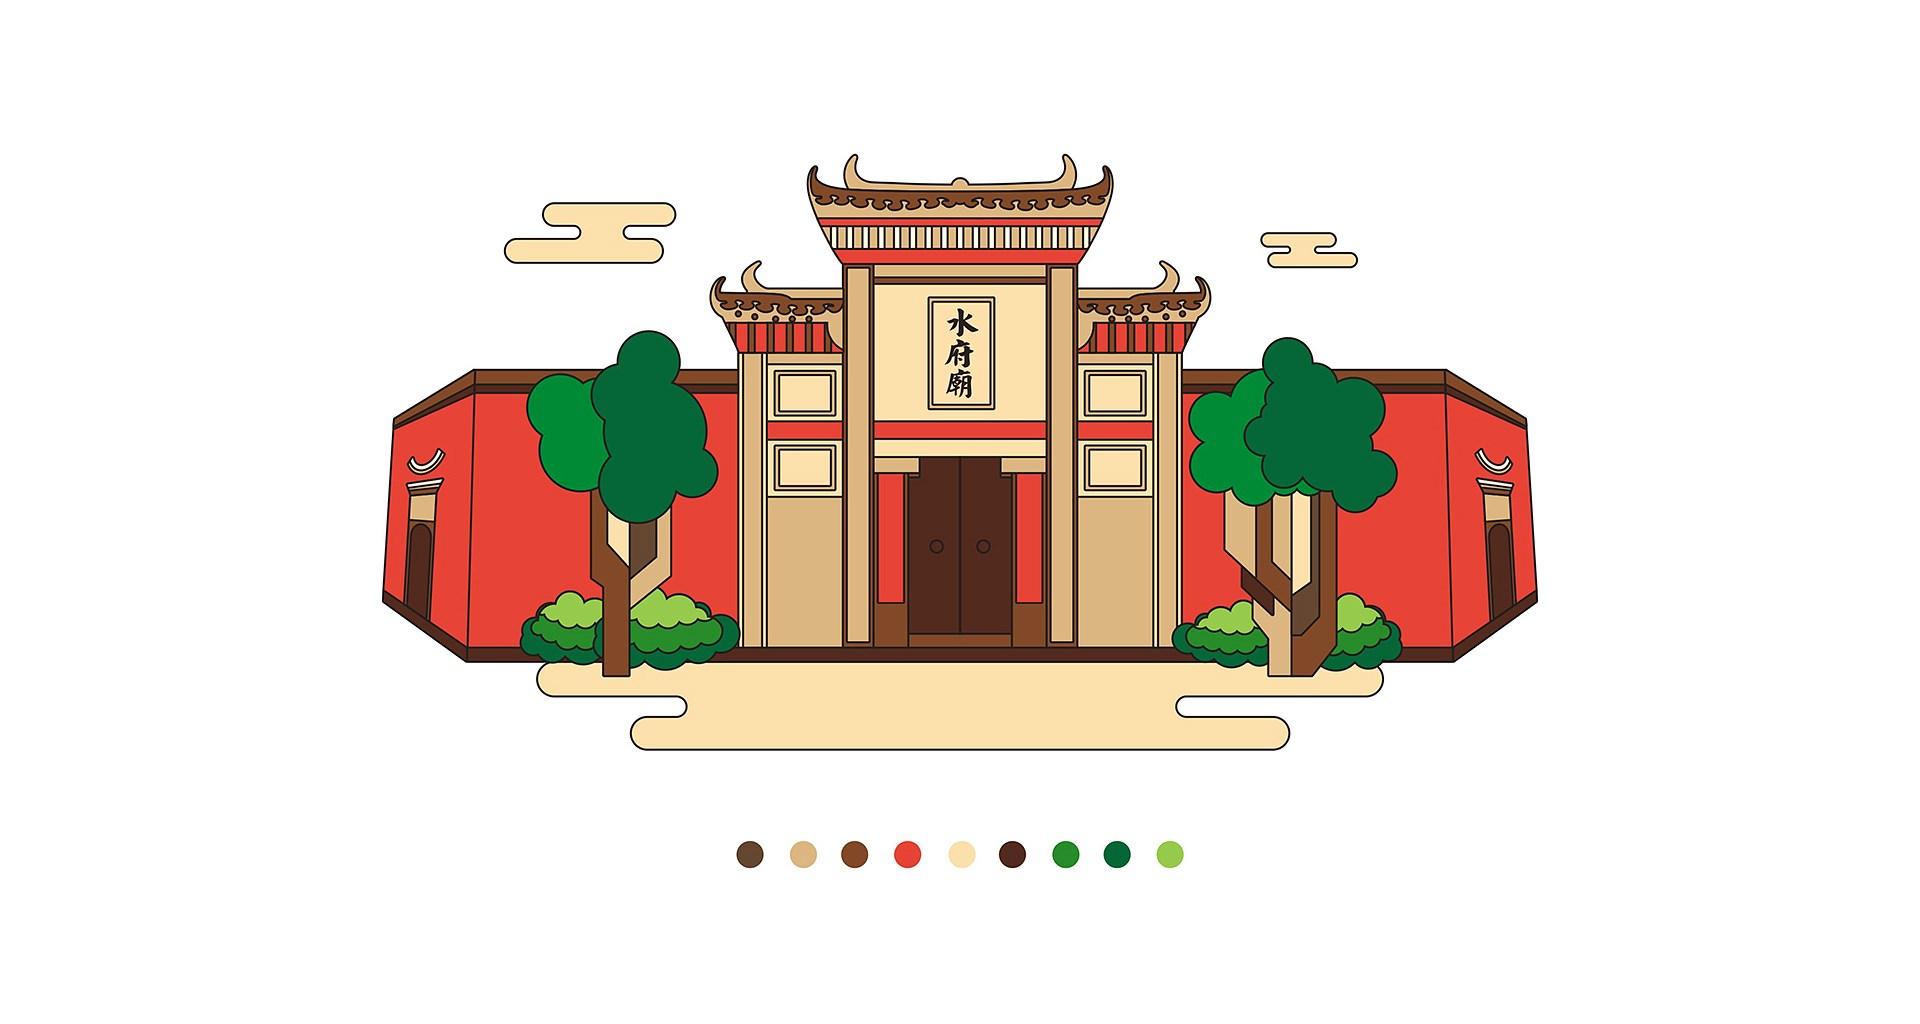 水府茶新万博竞彩app苹果下载万博manbetx手机版苹果下载_0012.JPG